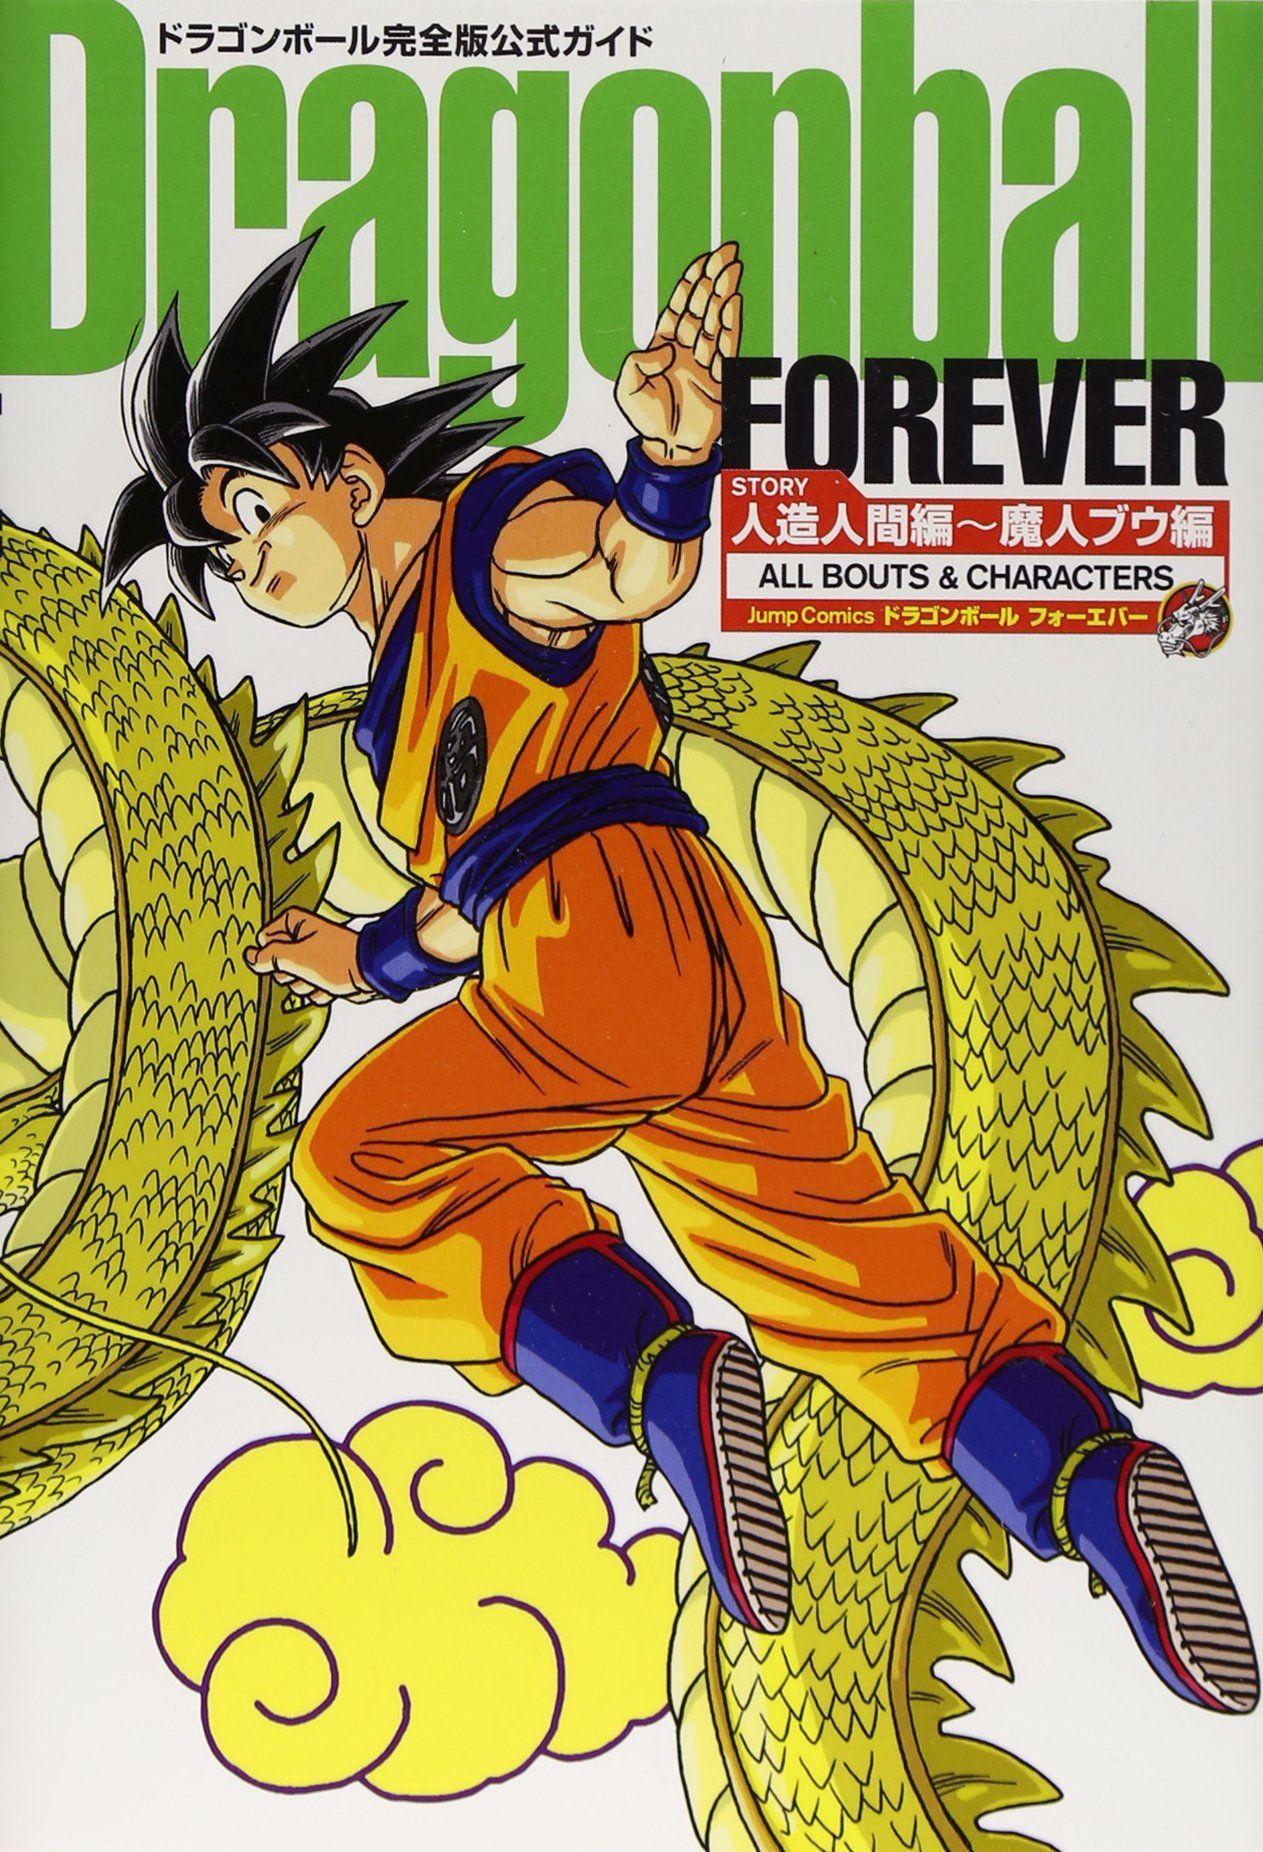 ドラゴンボール コミックス 背表紙